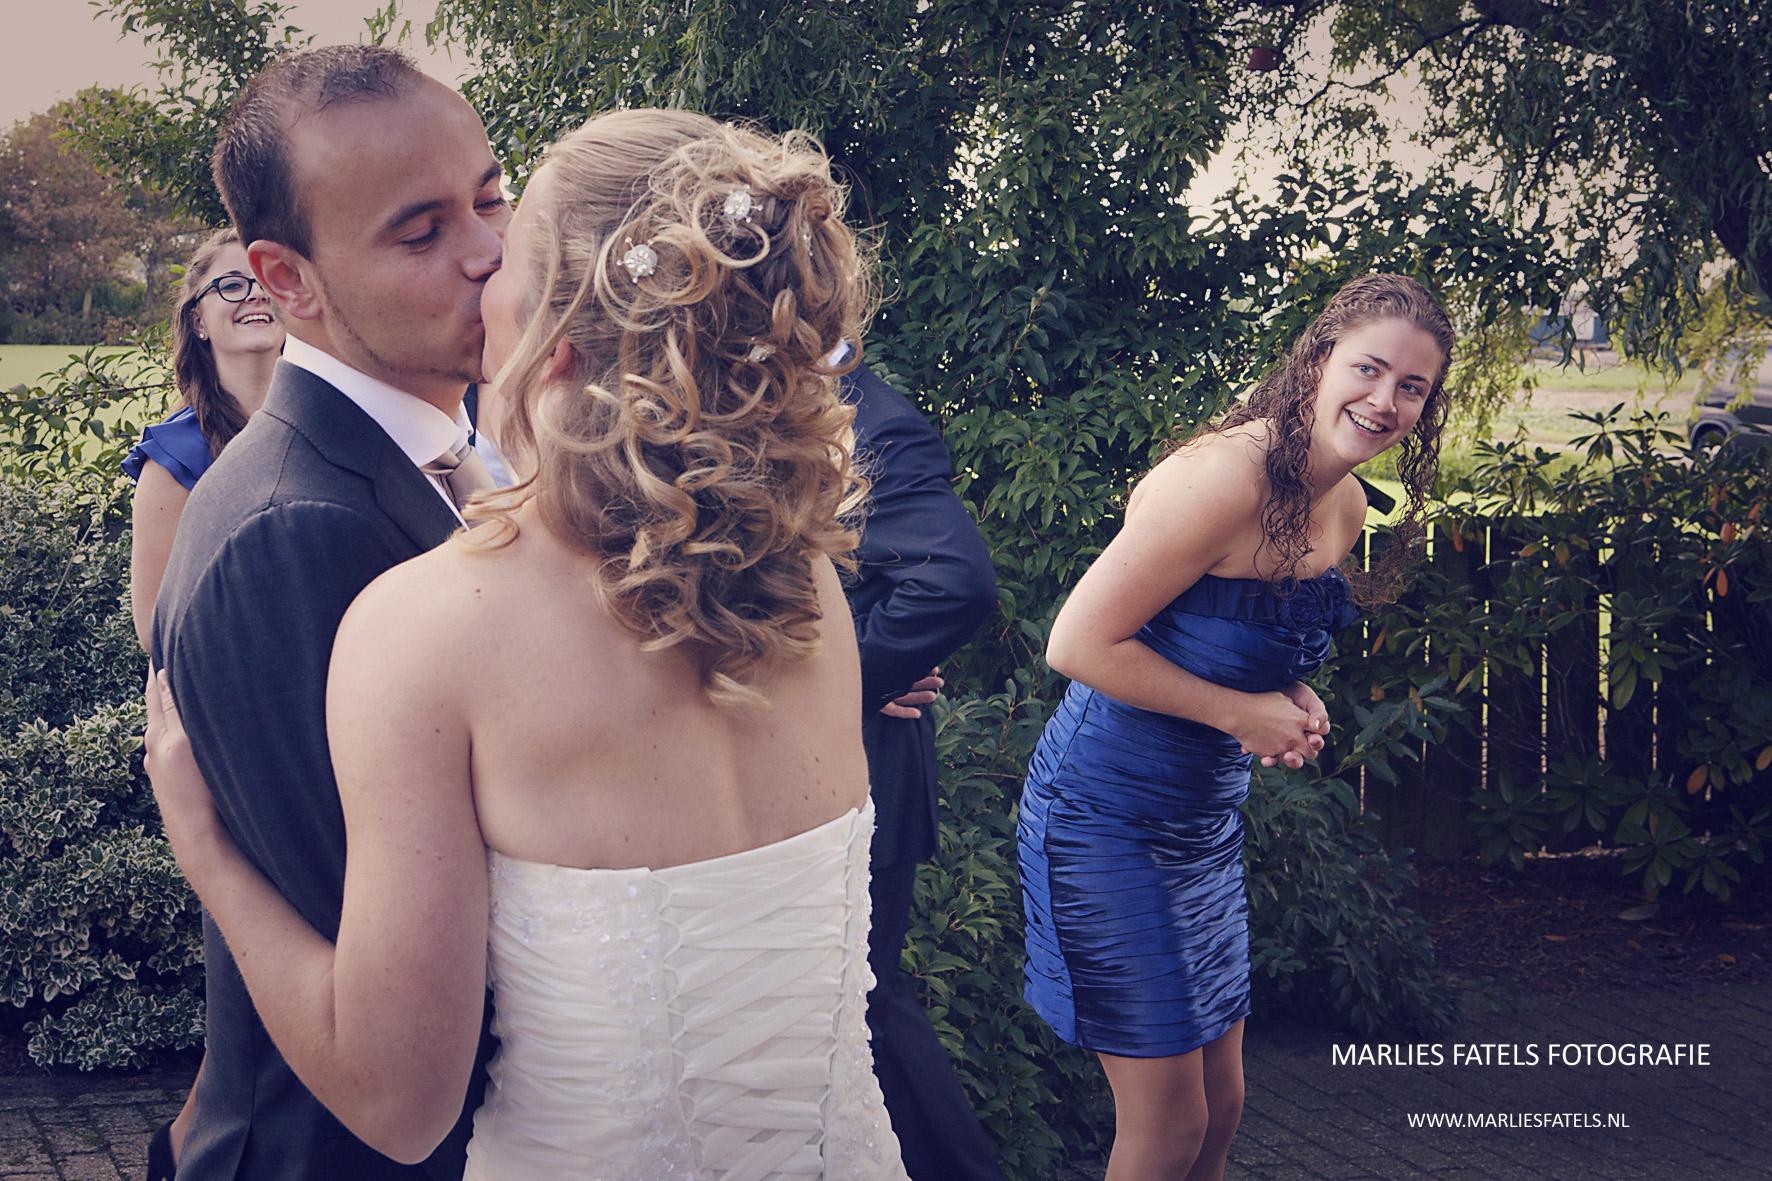 bruidsfotograaf-trouwreportage-bruidsreportage-bruidsfotografie-trouwfotograaf-3